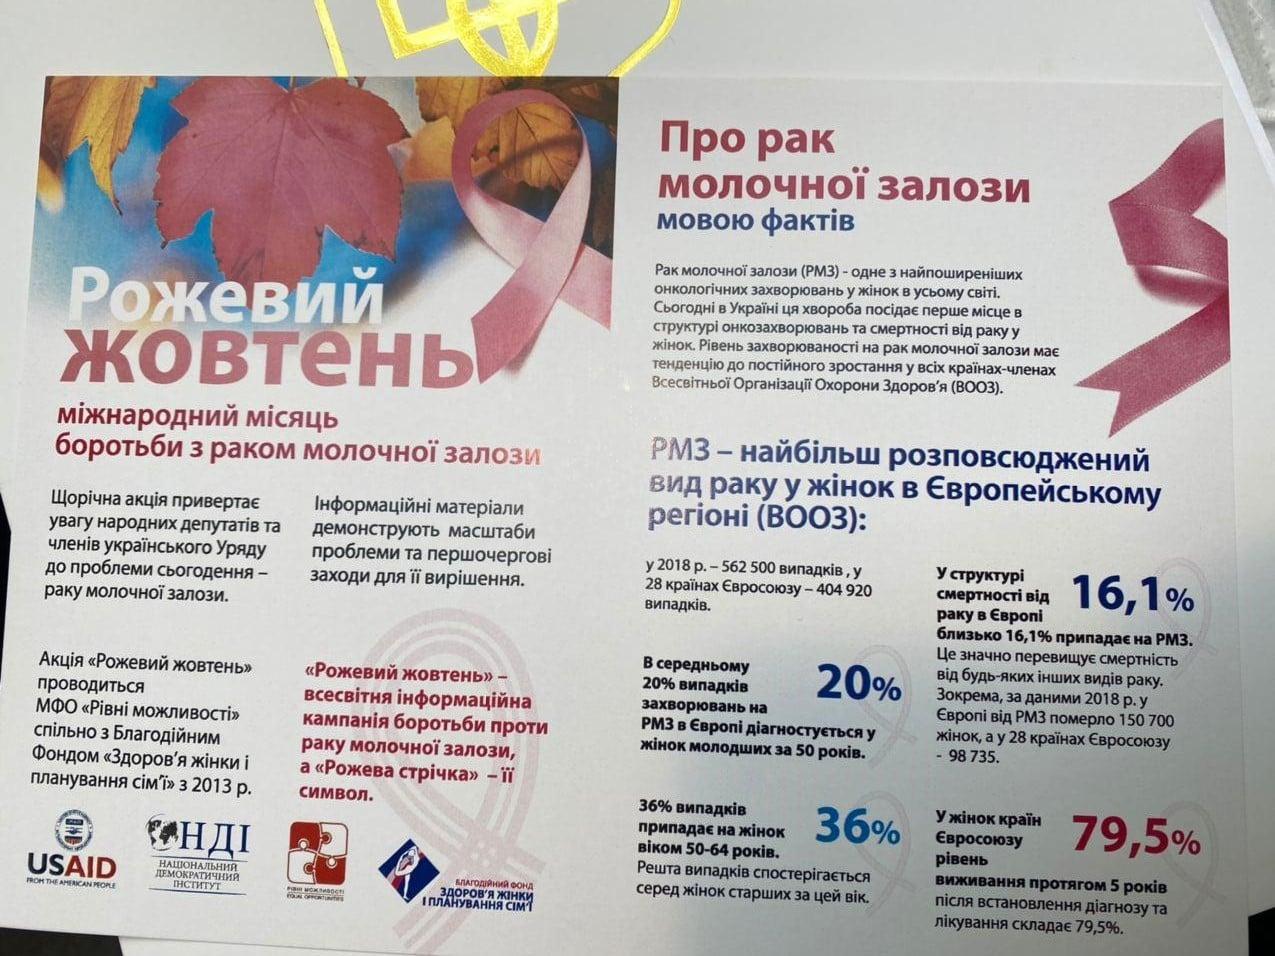 Інформаційна кампанія з нагоди Всесвітнього дня боротьби із захворюванням на рак молочної залози.